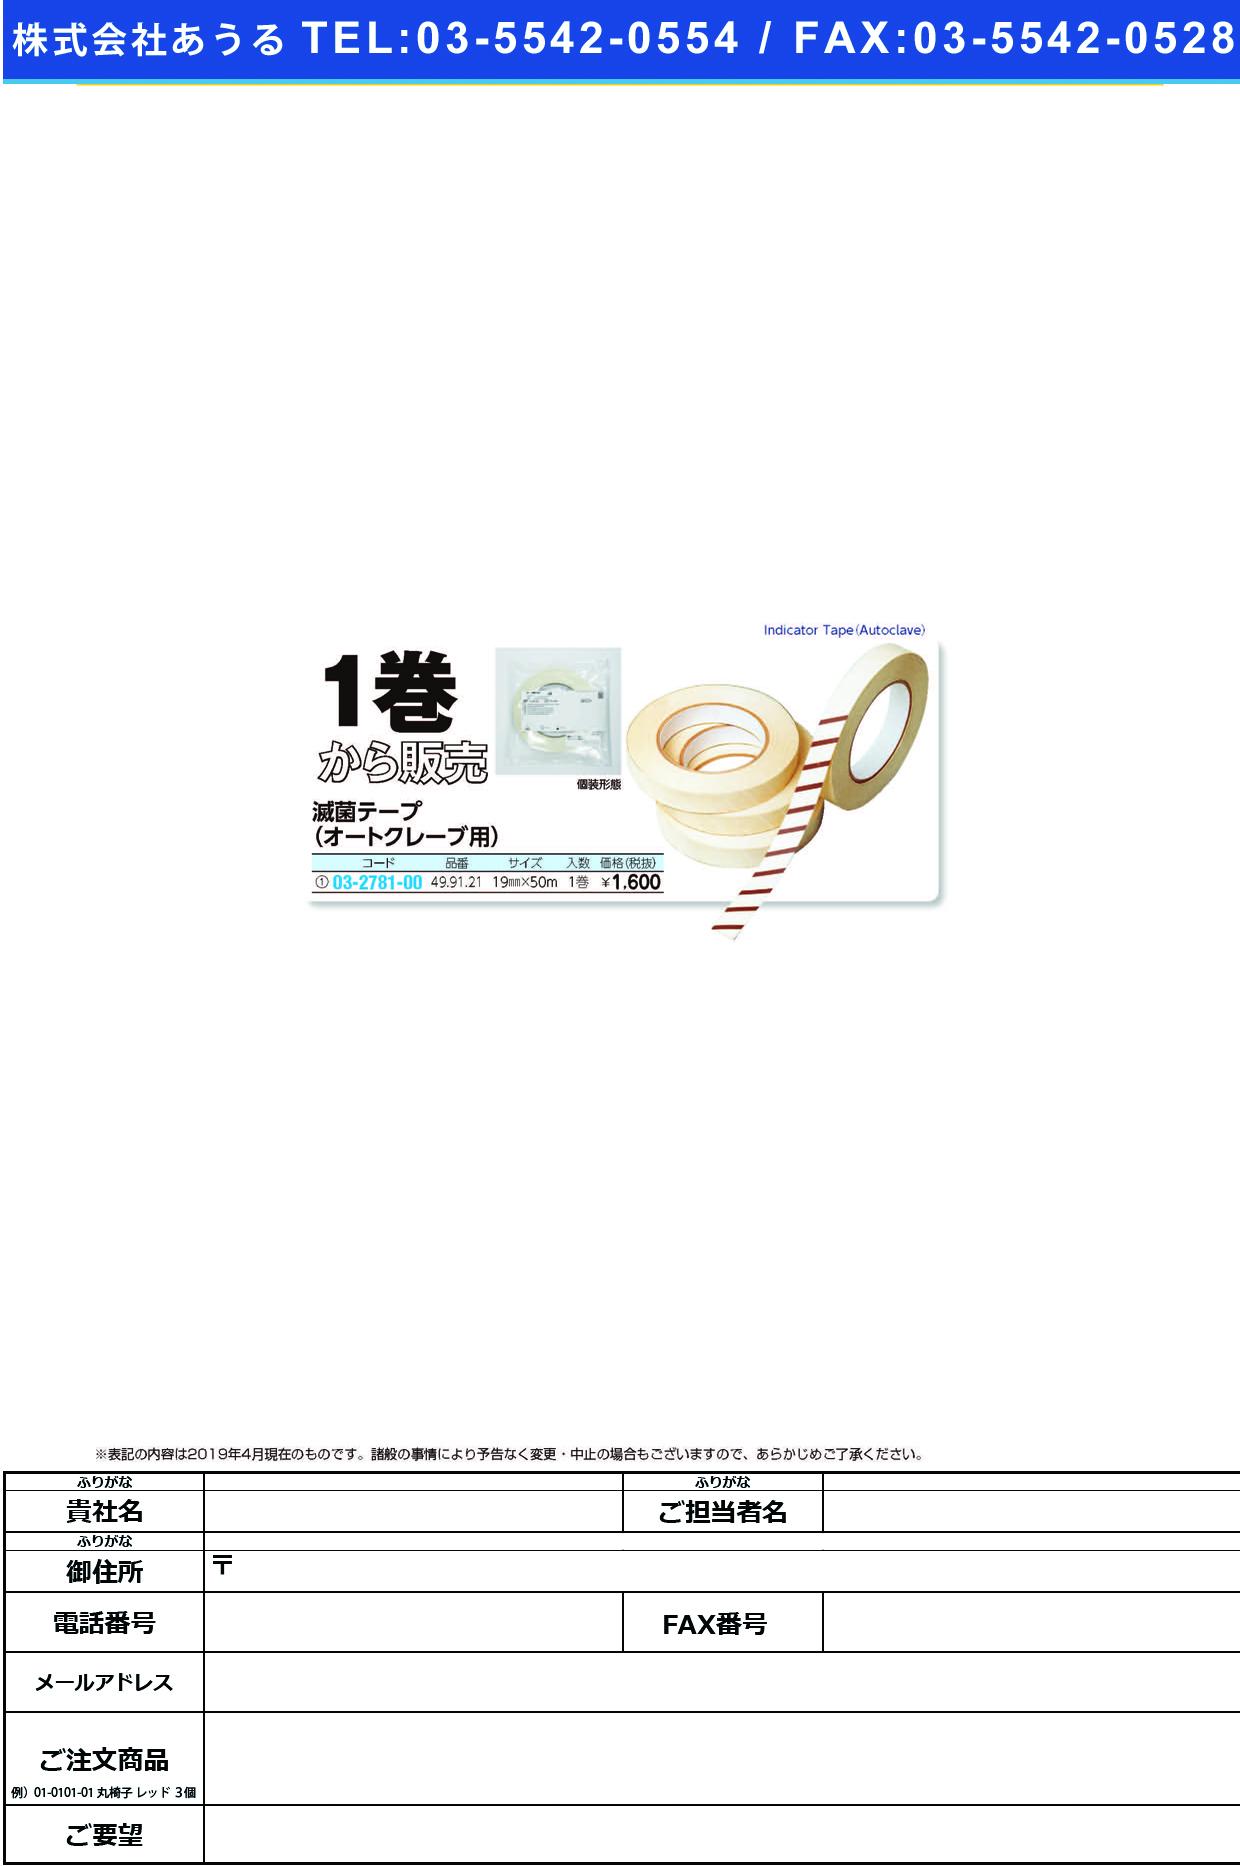 滅菌テープ(1巻入) 49.91.21(19MMX50M) メッキンテープ(1カンイリ)